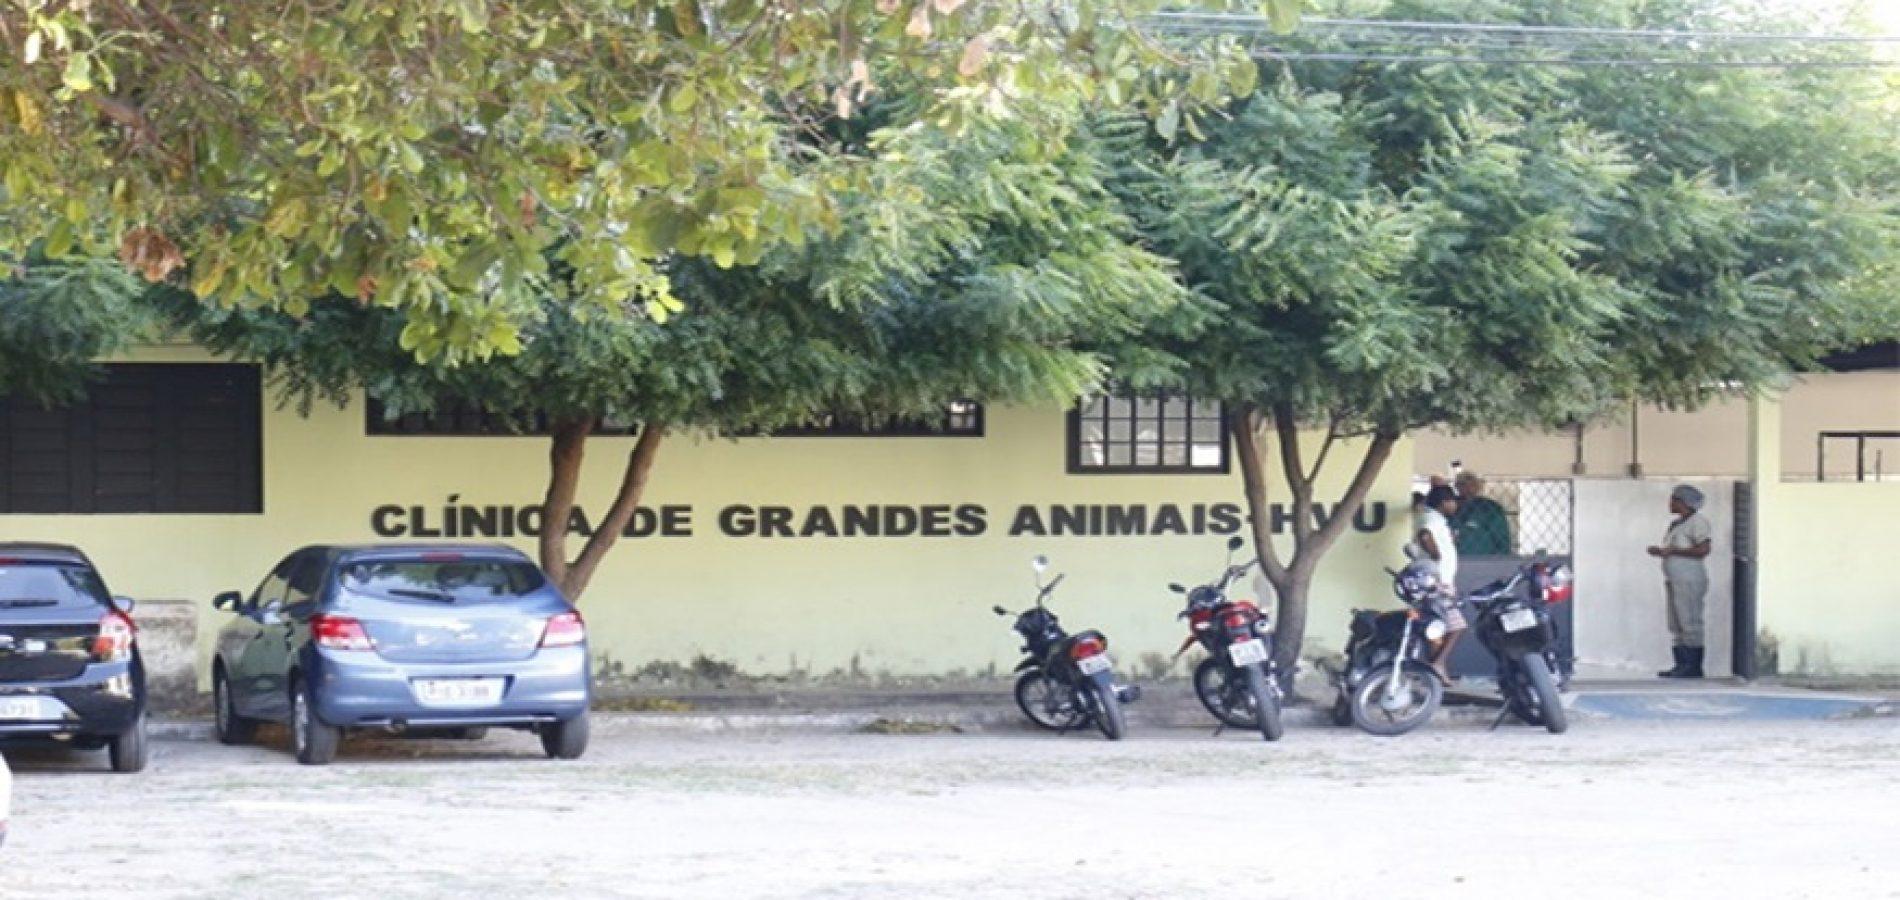 Adapi interdita parte do Hospital Veterinário ao descobrir doença contagiosa